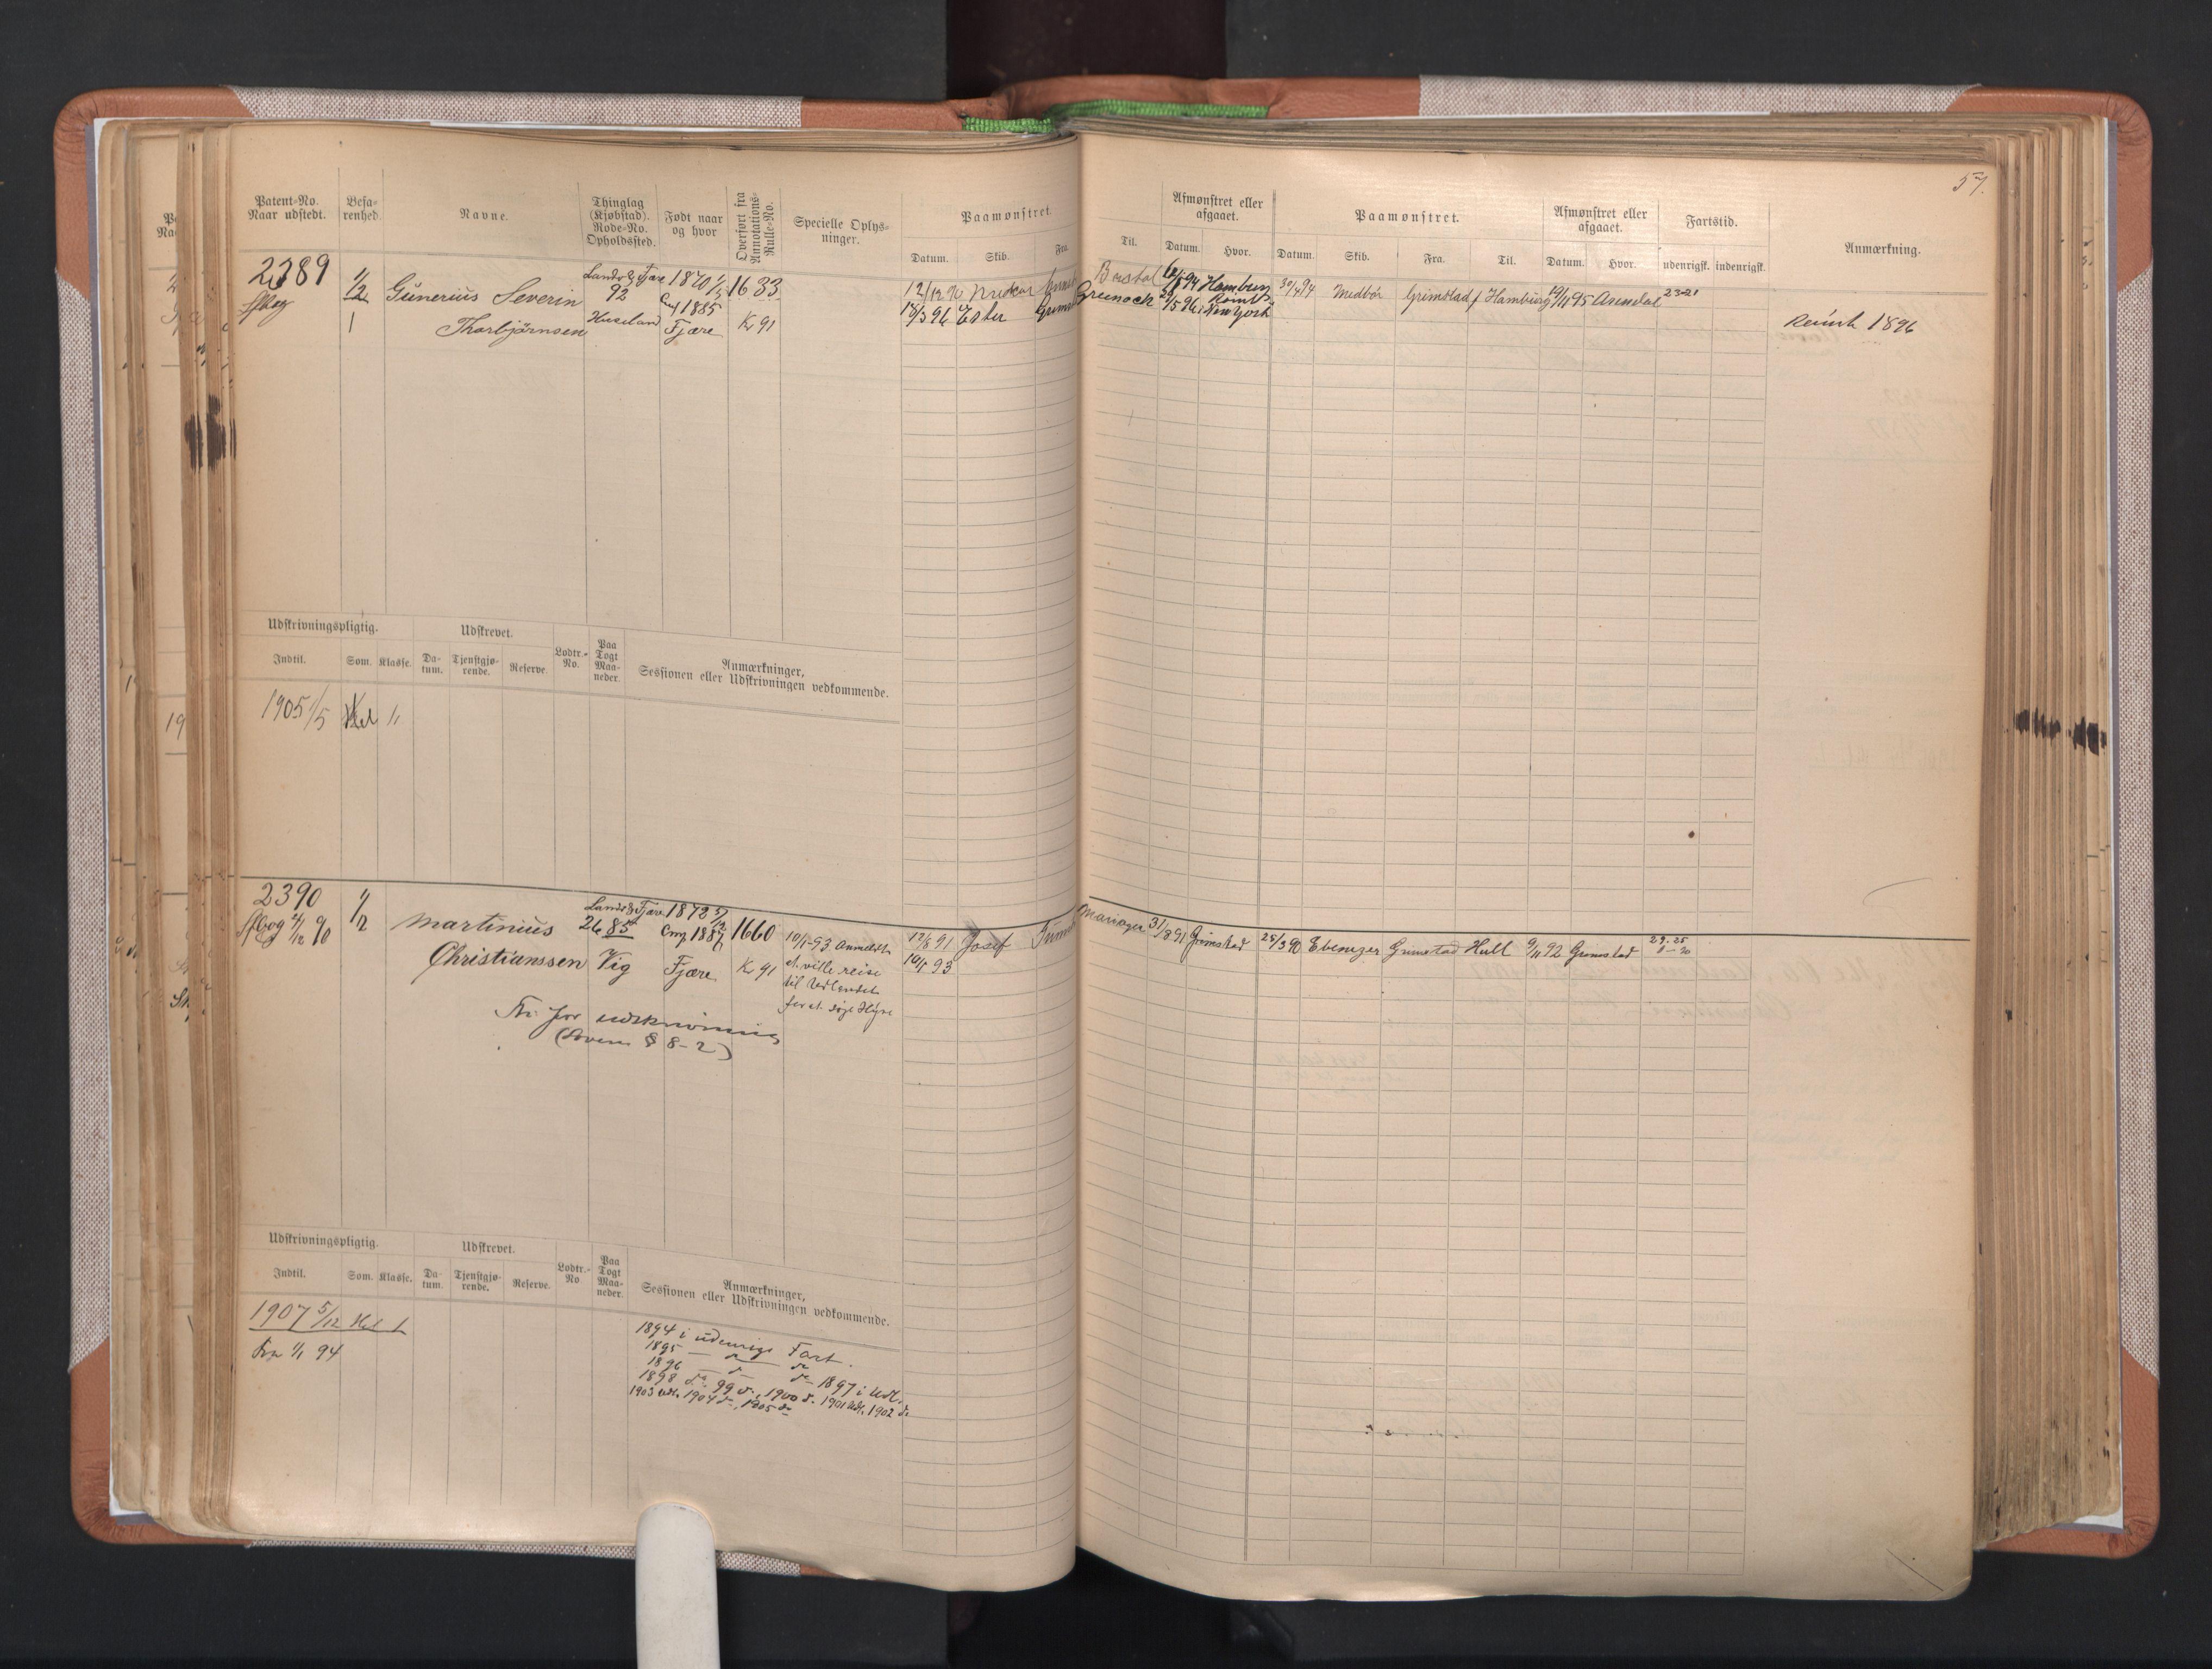 SAK, Grimstad mønstringskrets, F/Fb/L0004: Hovedrulle A nr 2277-3042, F-7, 1889-1940, p. 62